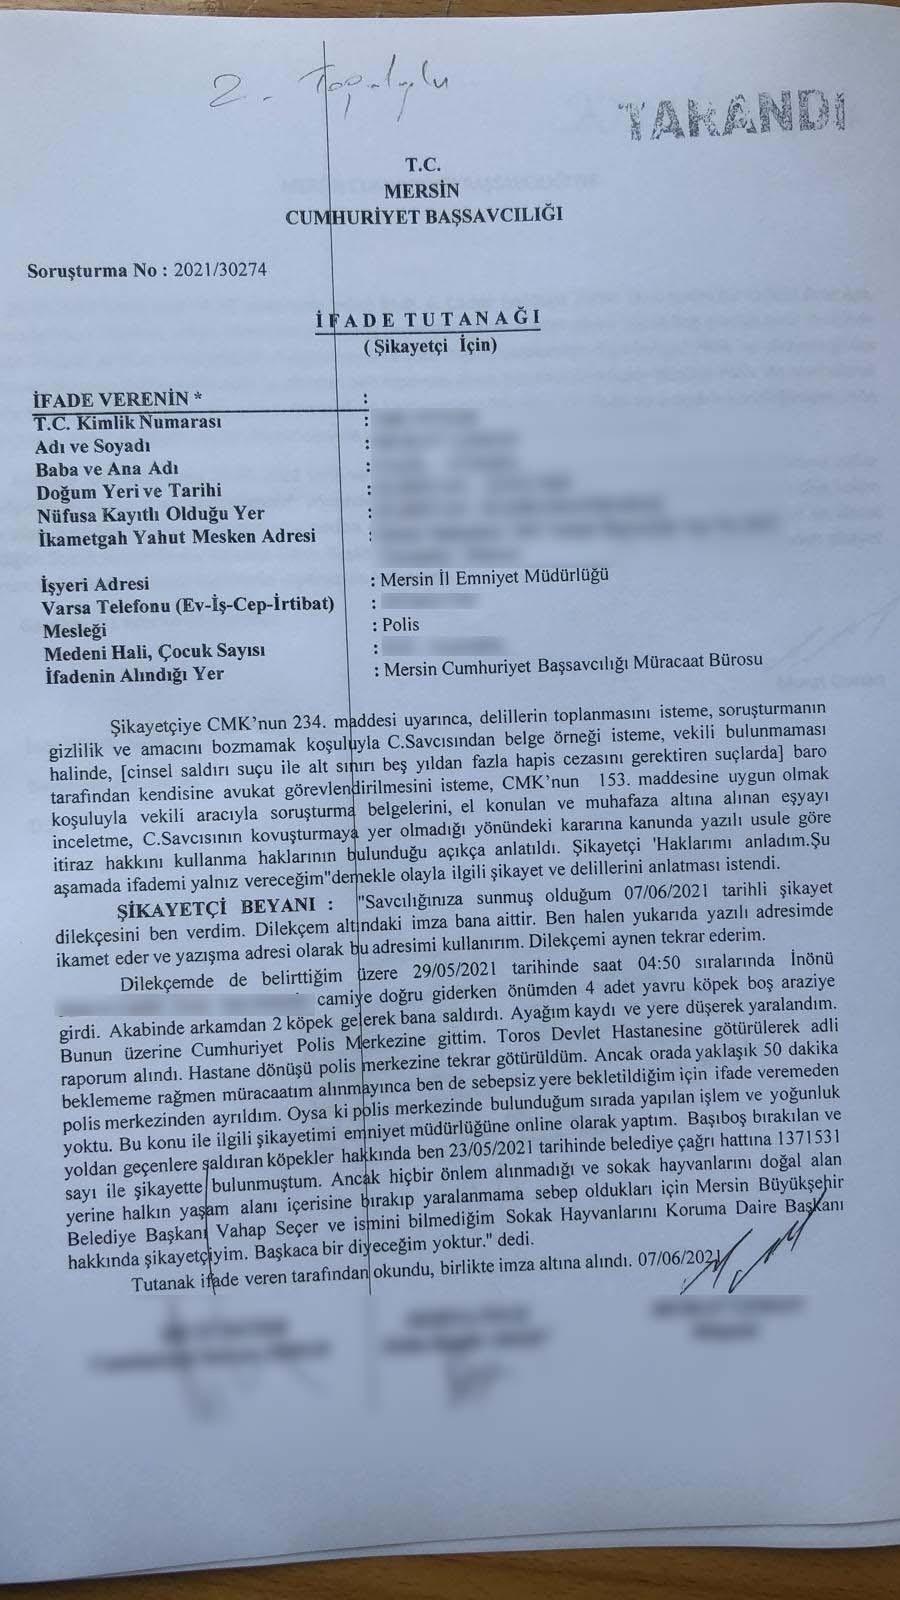 Başkan Vahap Seçer, Köpeklerin Saldırısına Uğrayan Bir Polis Memurunun Şikayeti Sonrası İfade Verdi